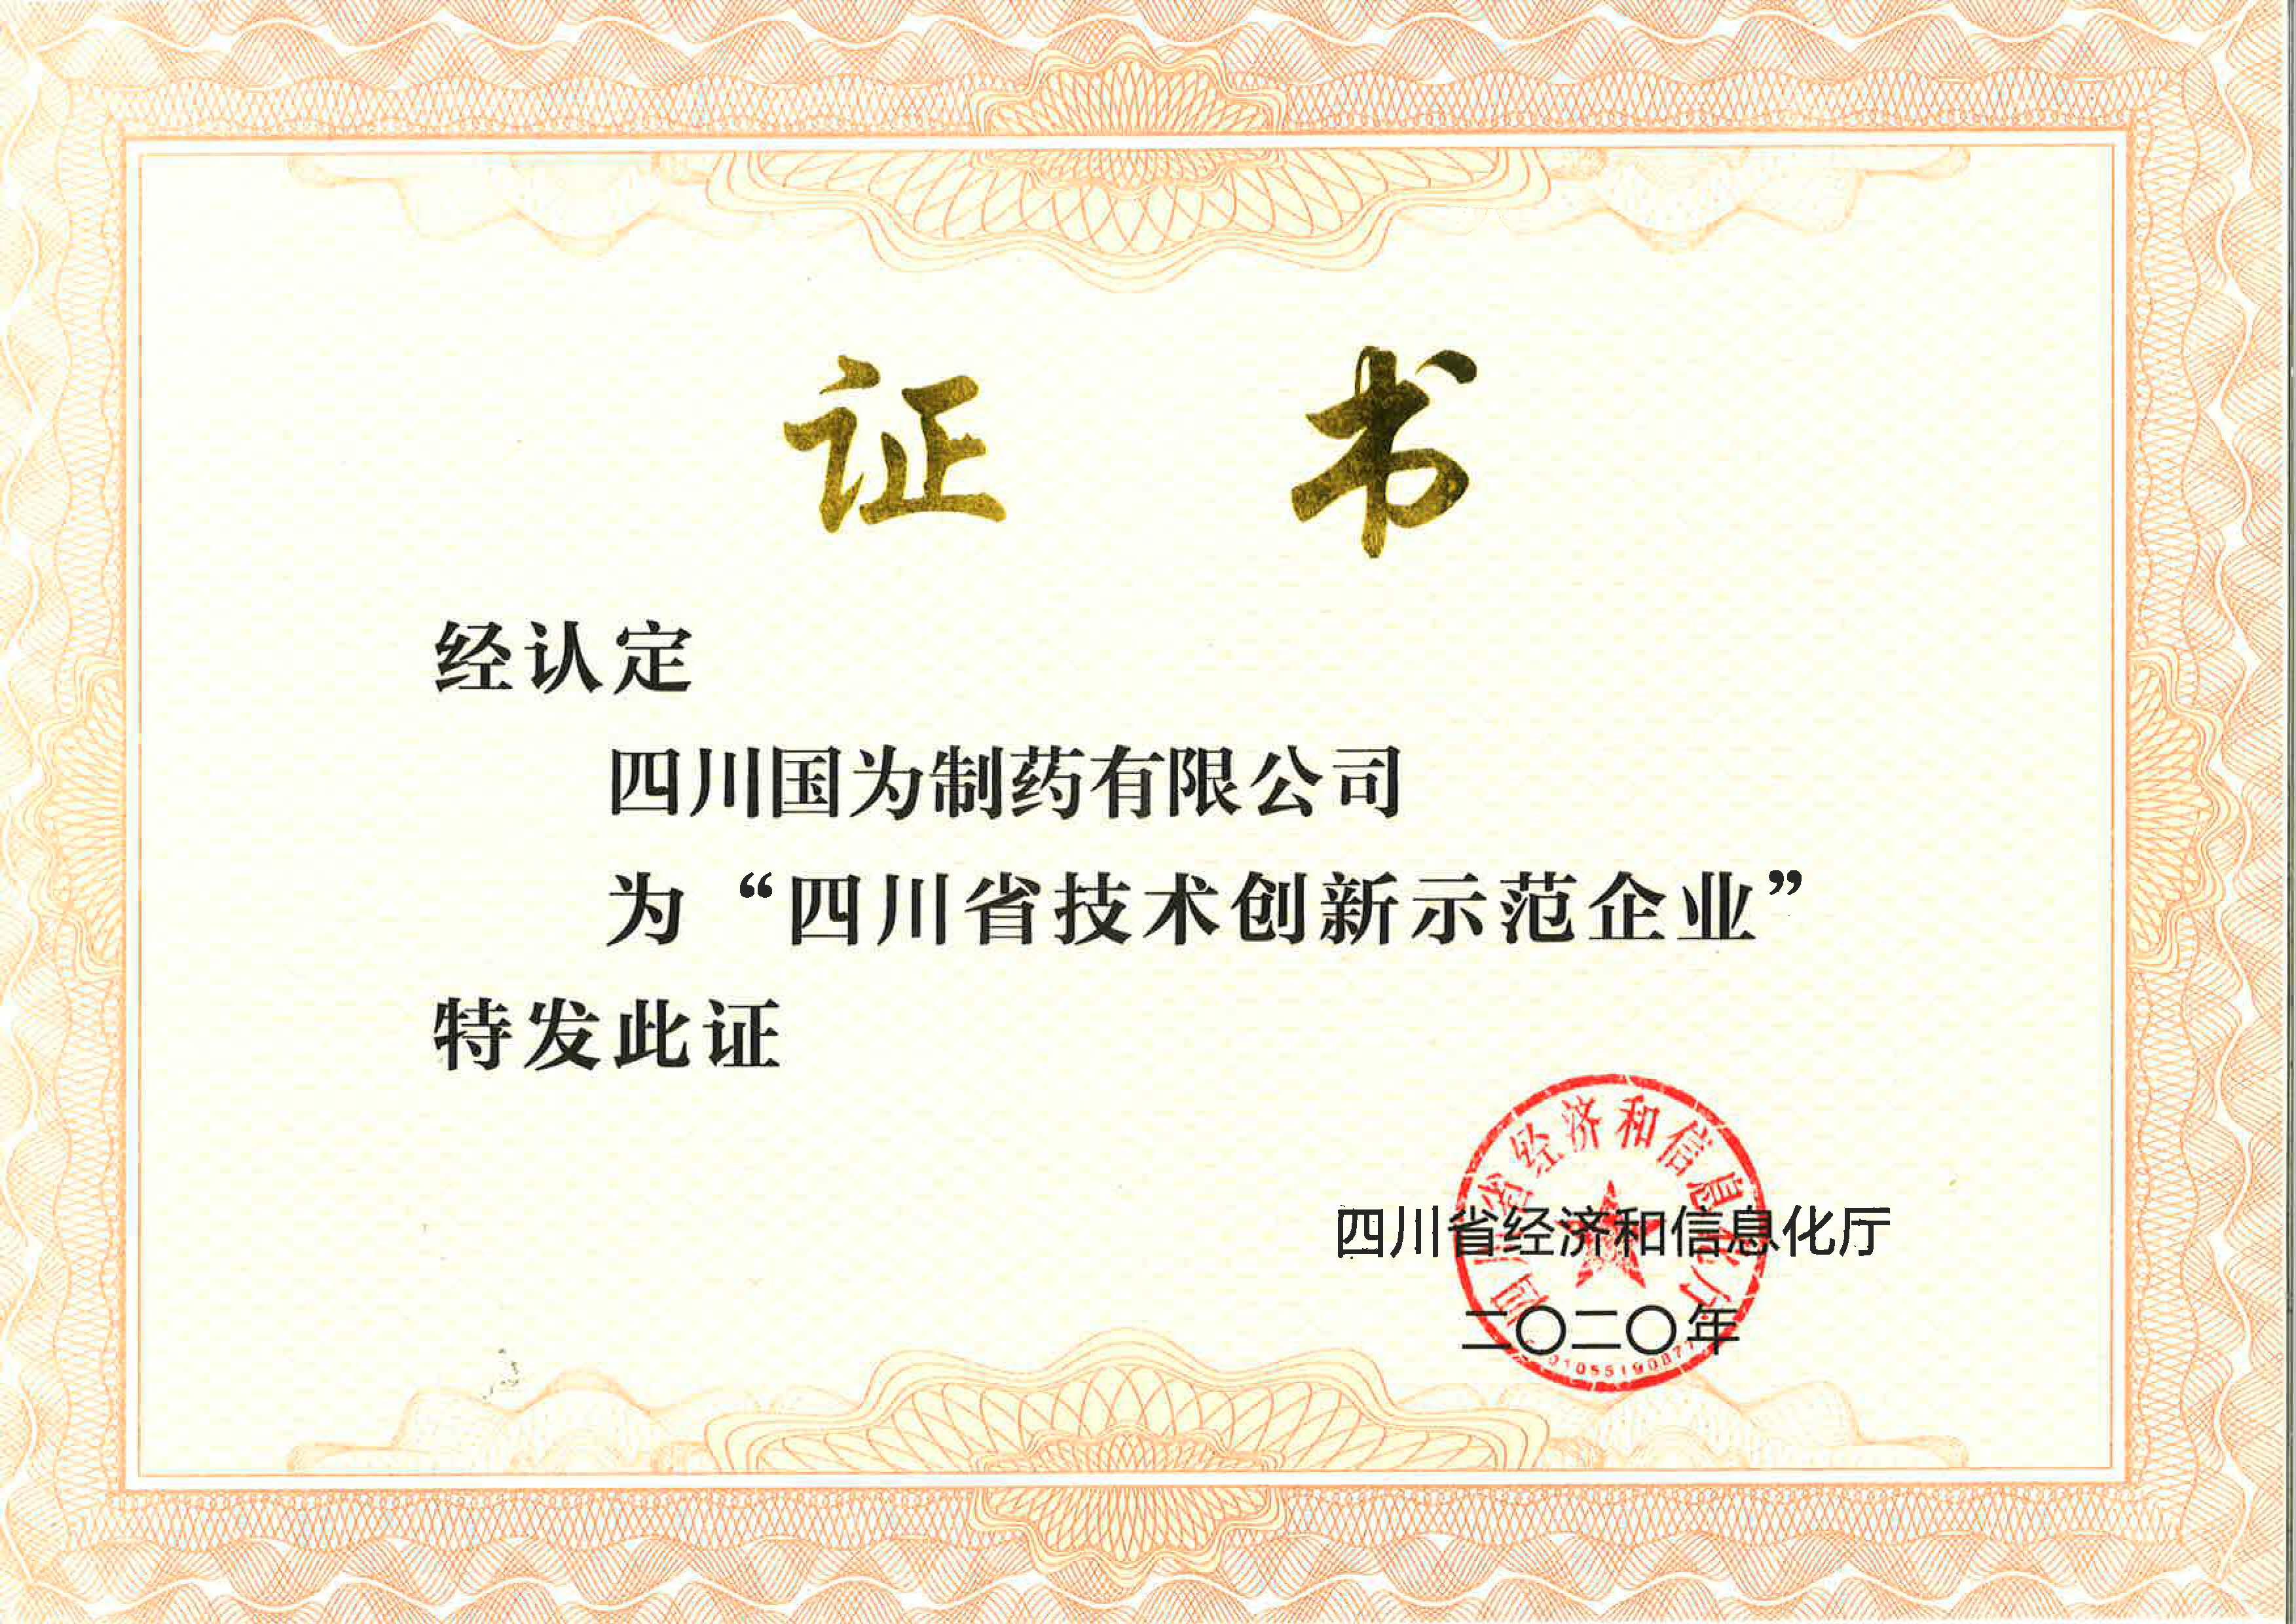 四川省技术创新示范企业(1)